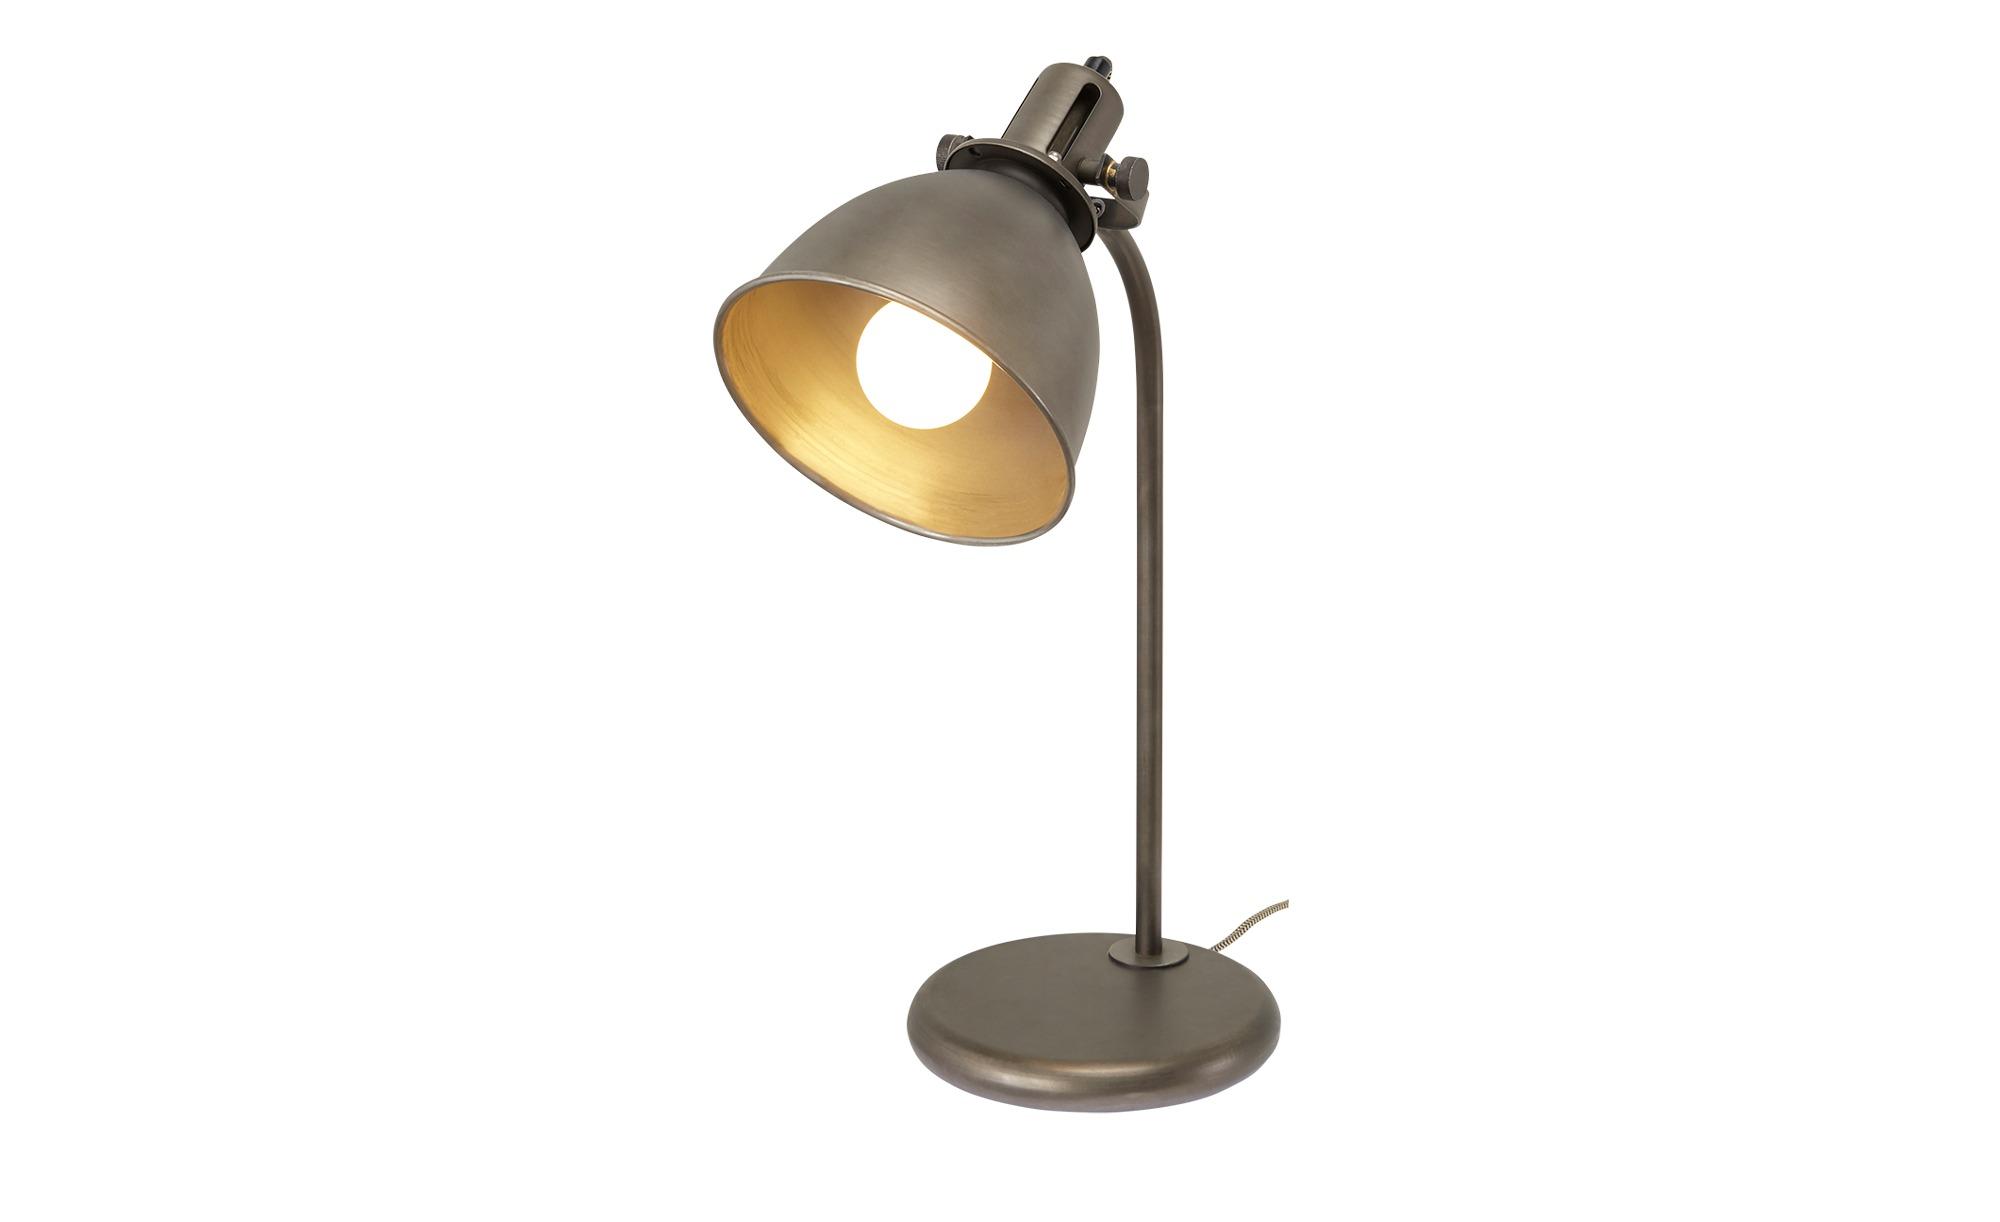 Tischleuchte, 1-flammig, schwarz ¦ schwarz ¦ Maße (cm): H: 46 Lampen & Leuchten > Innenleuchten > Tischlampen - Höffner